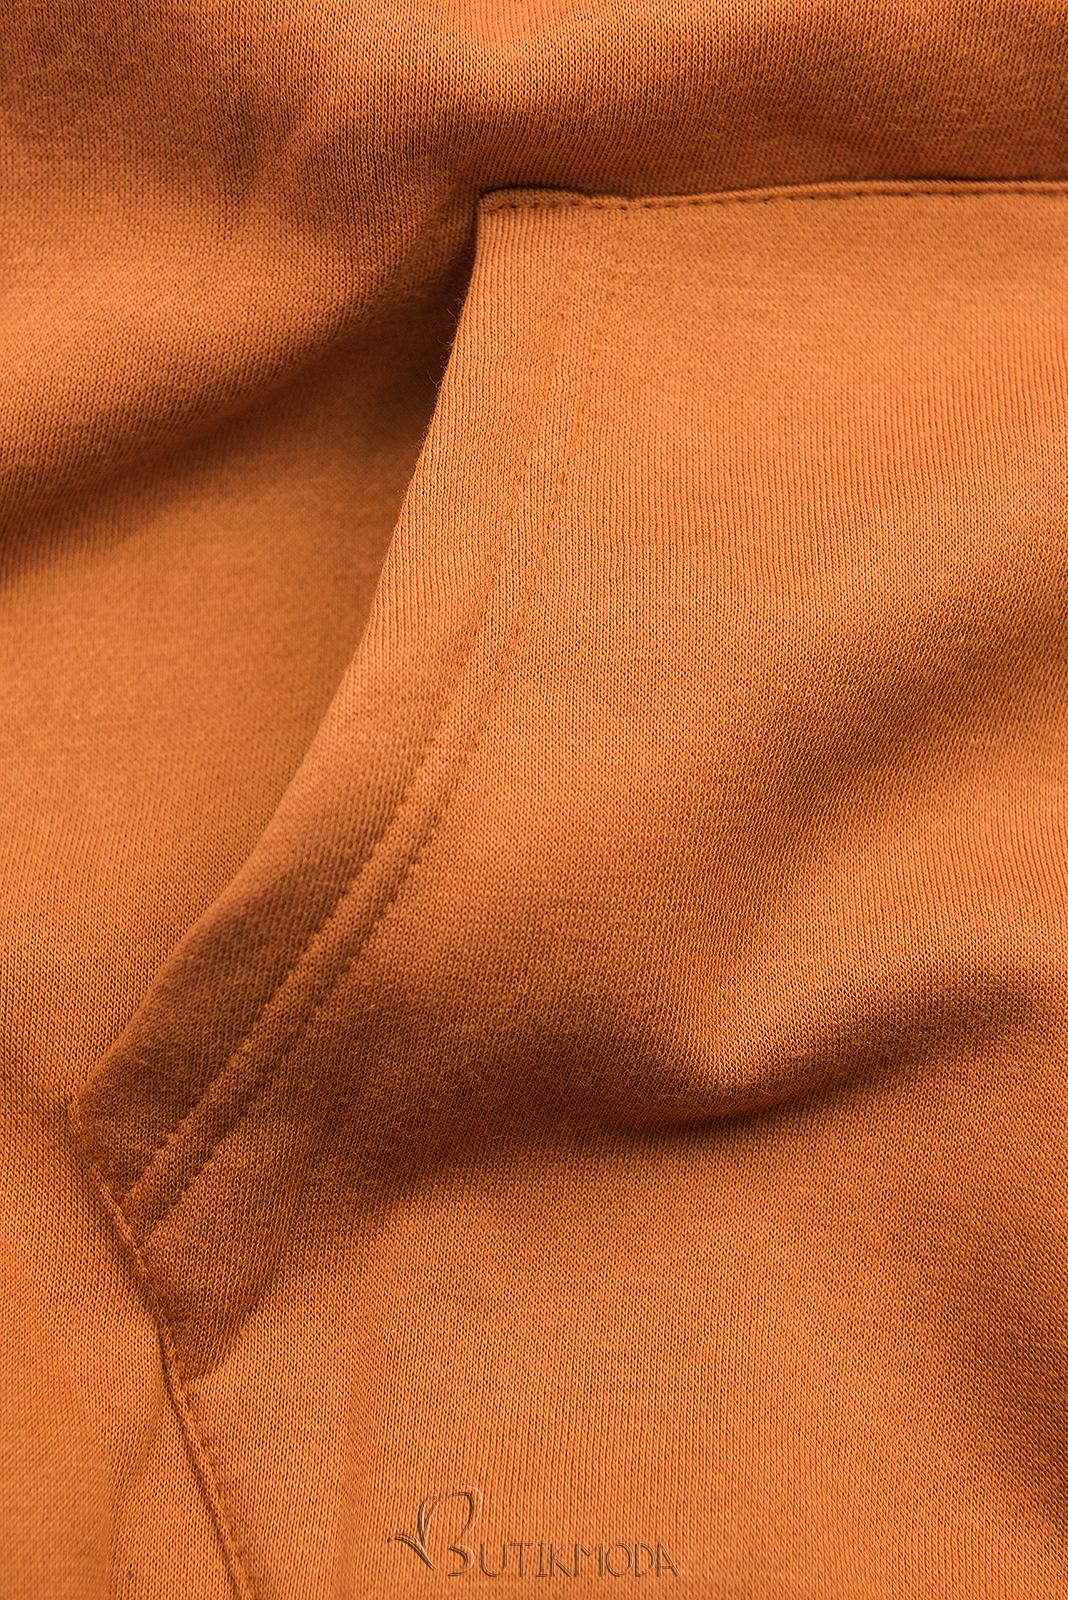 Sweatshirt mit Kapuze in Velour-Optik zimtbraun